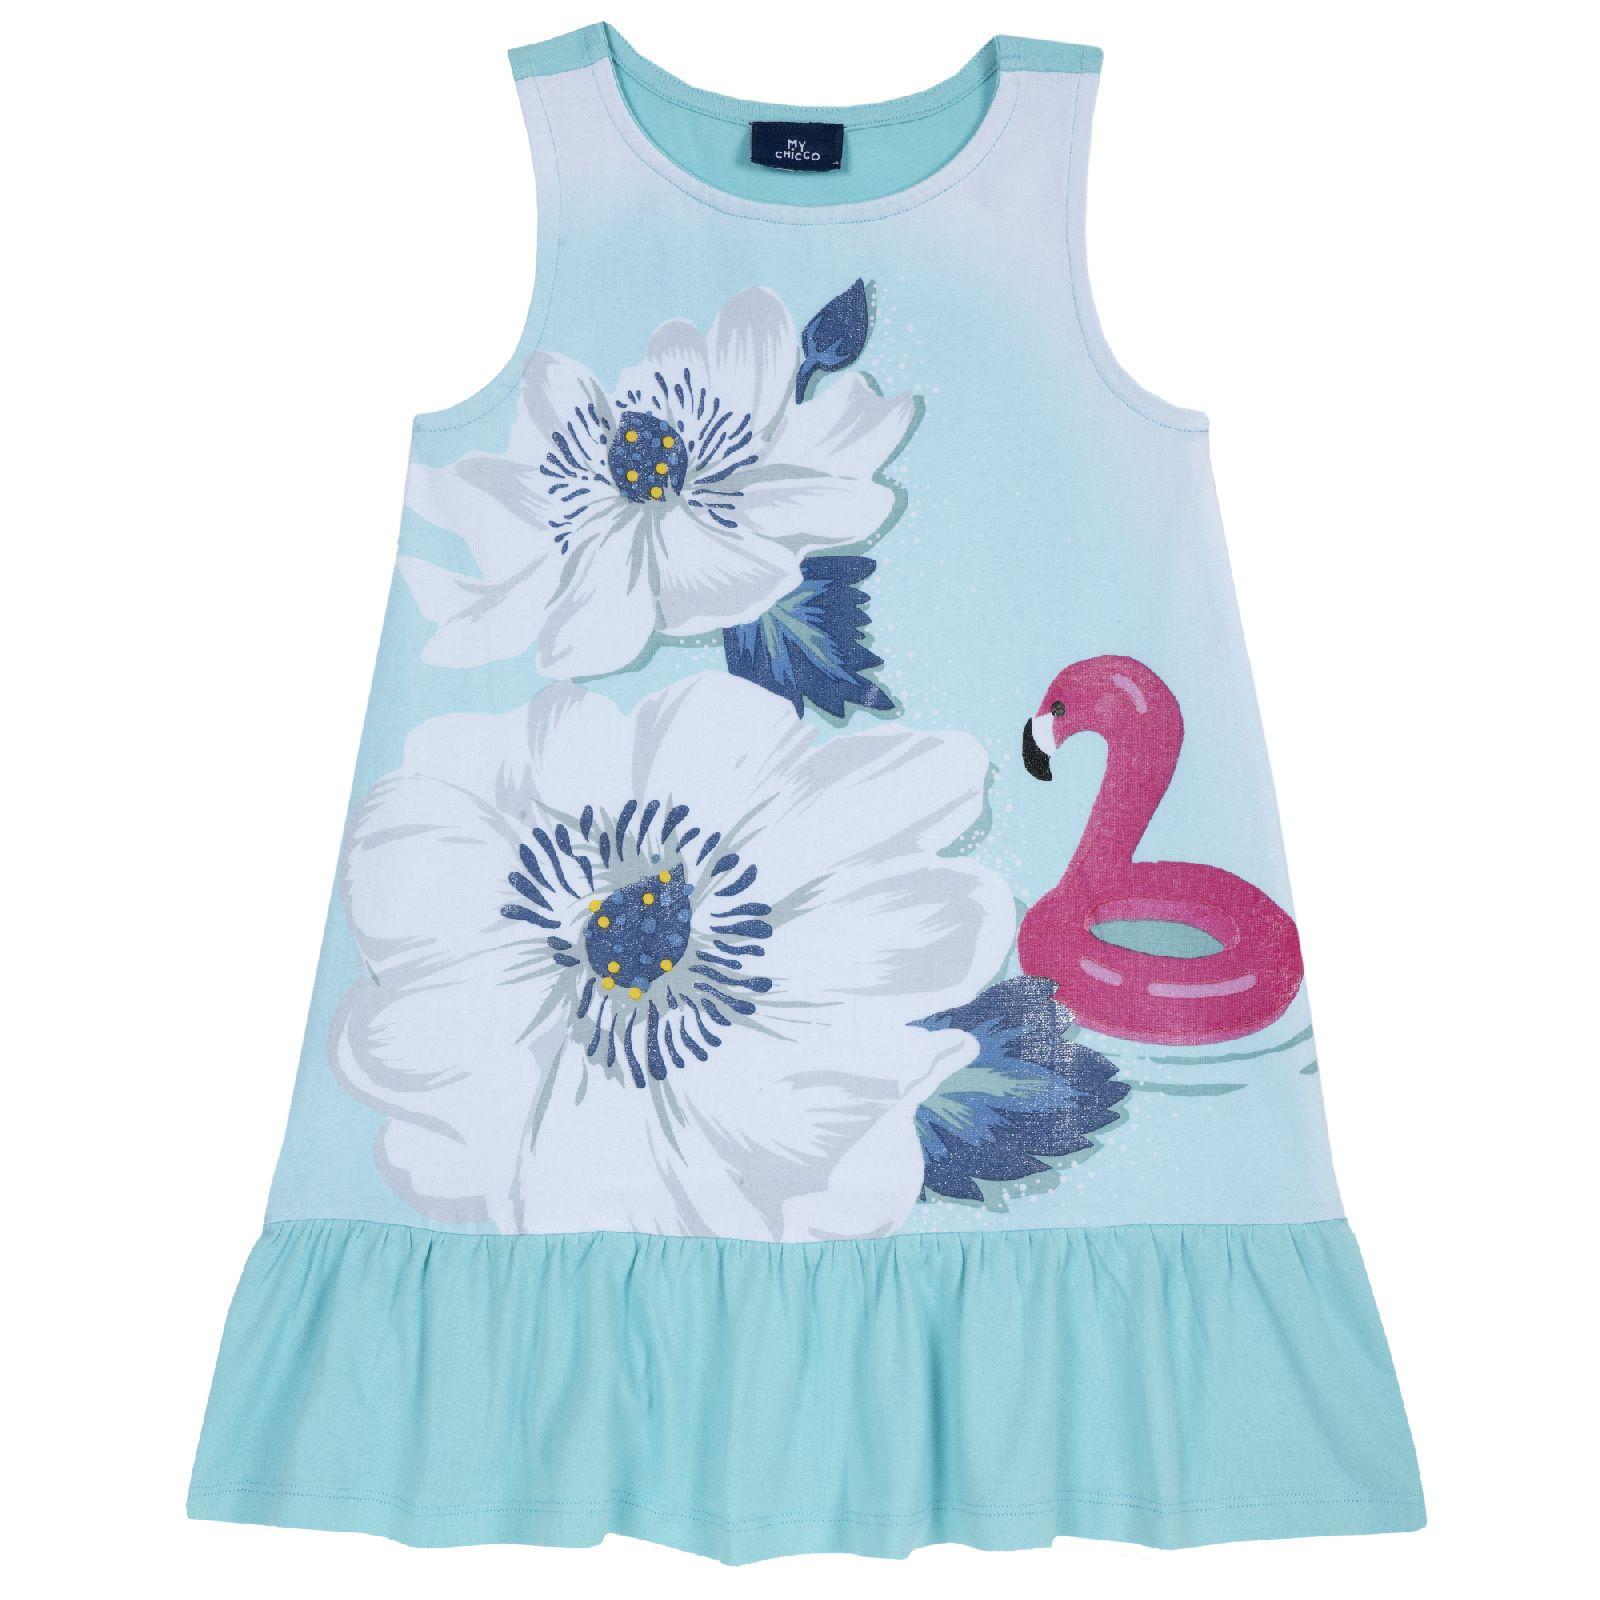 Купить 09003469, Платье Chicco р.110, Цветы и фламинго, цвет бело-голубой, Платья для девочек